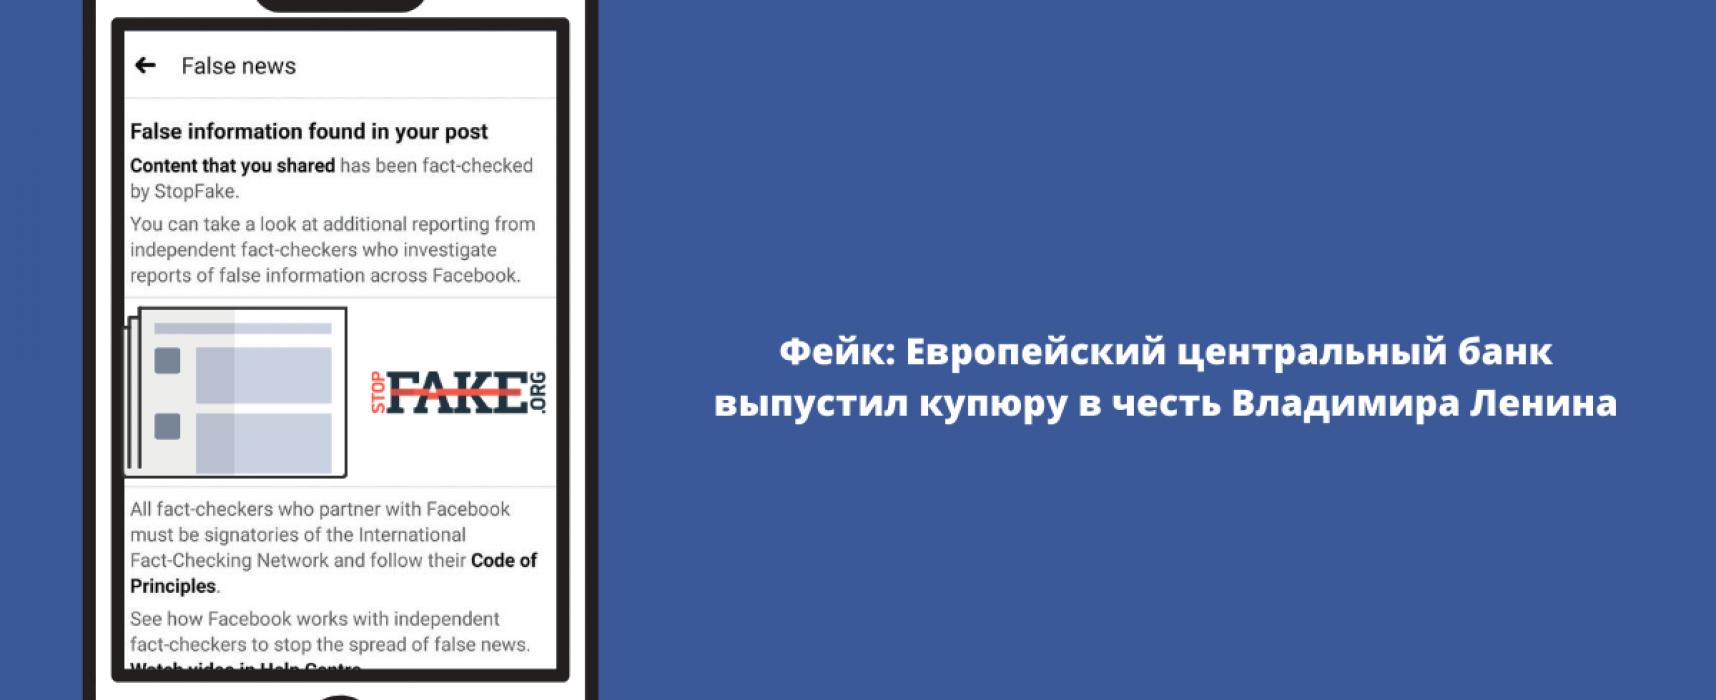 Фейк: Европейский центральный банк выпустил купюру в честь Владимира Ленина